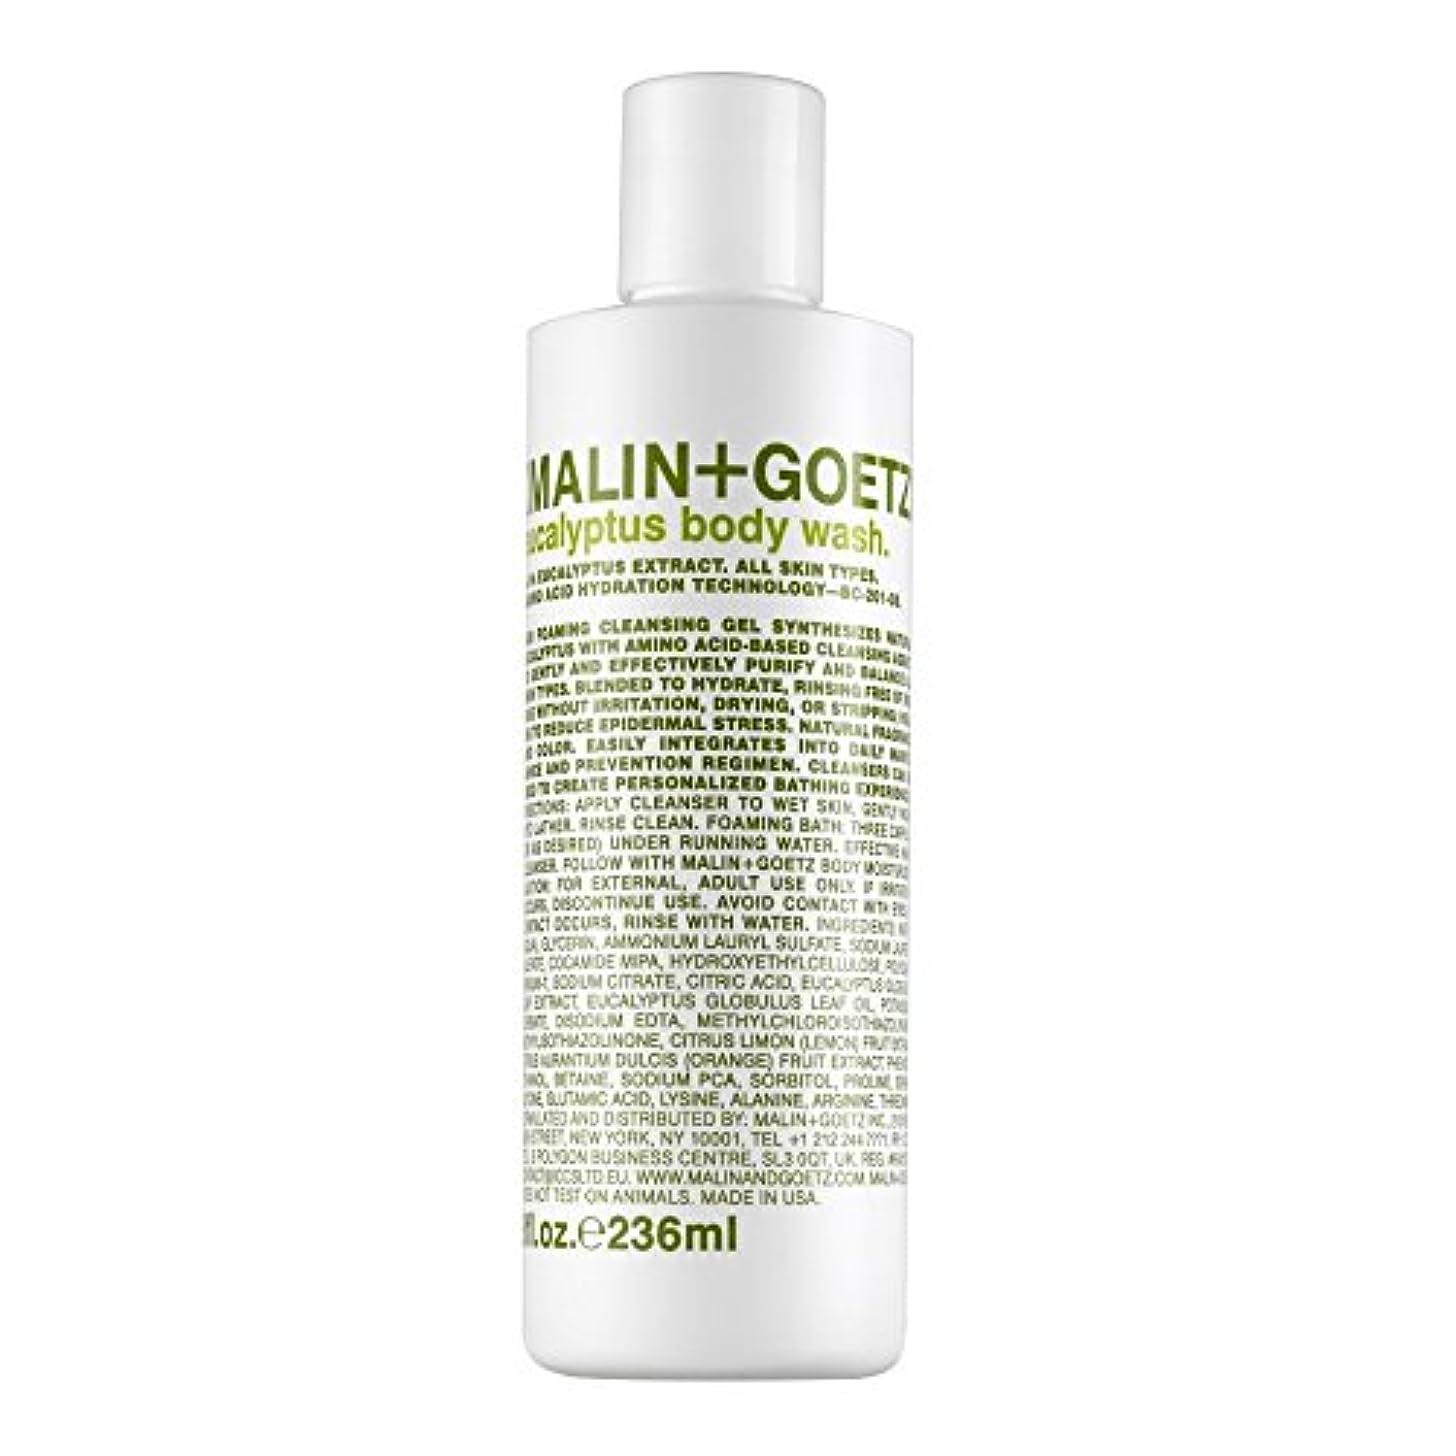 流星ガソリングローマリン+ゲッツユーカリシャワージェル236ミリリットル x2 - MALIN+GOETZ Eucalyptus Shower Gel 236ml (Pack of 2) [並行輸入品]